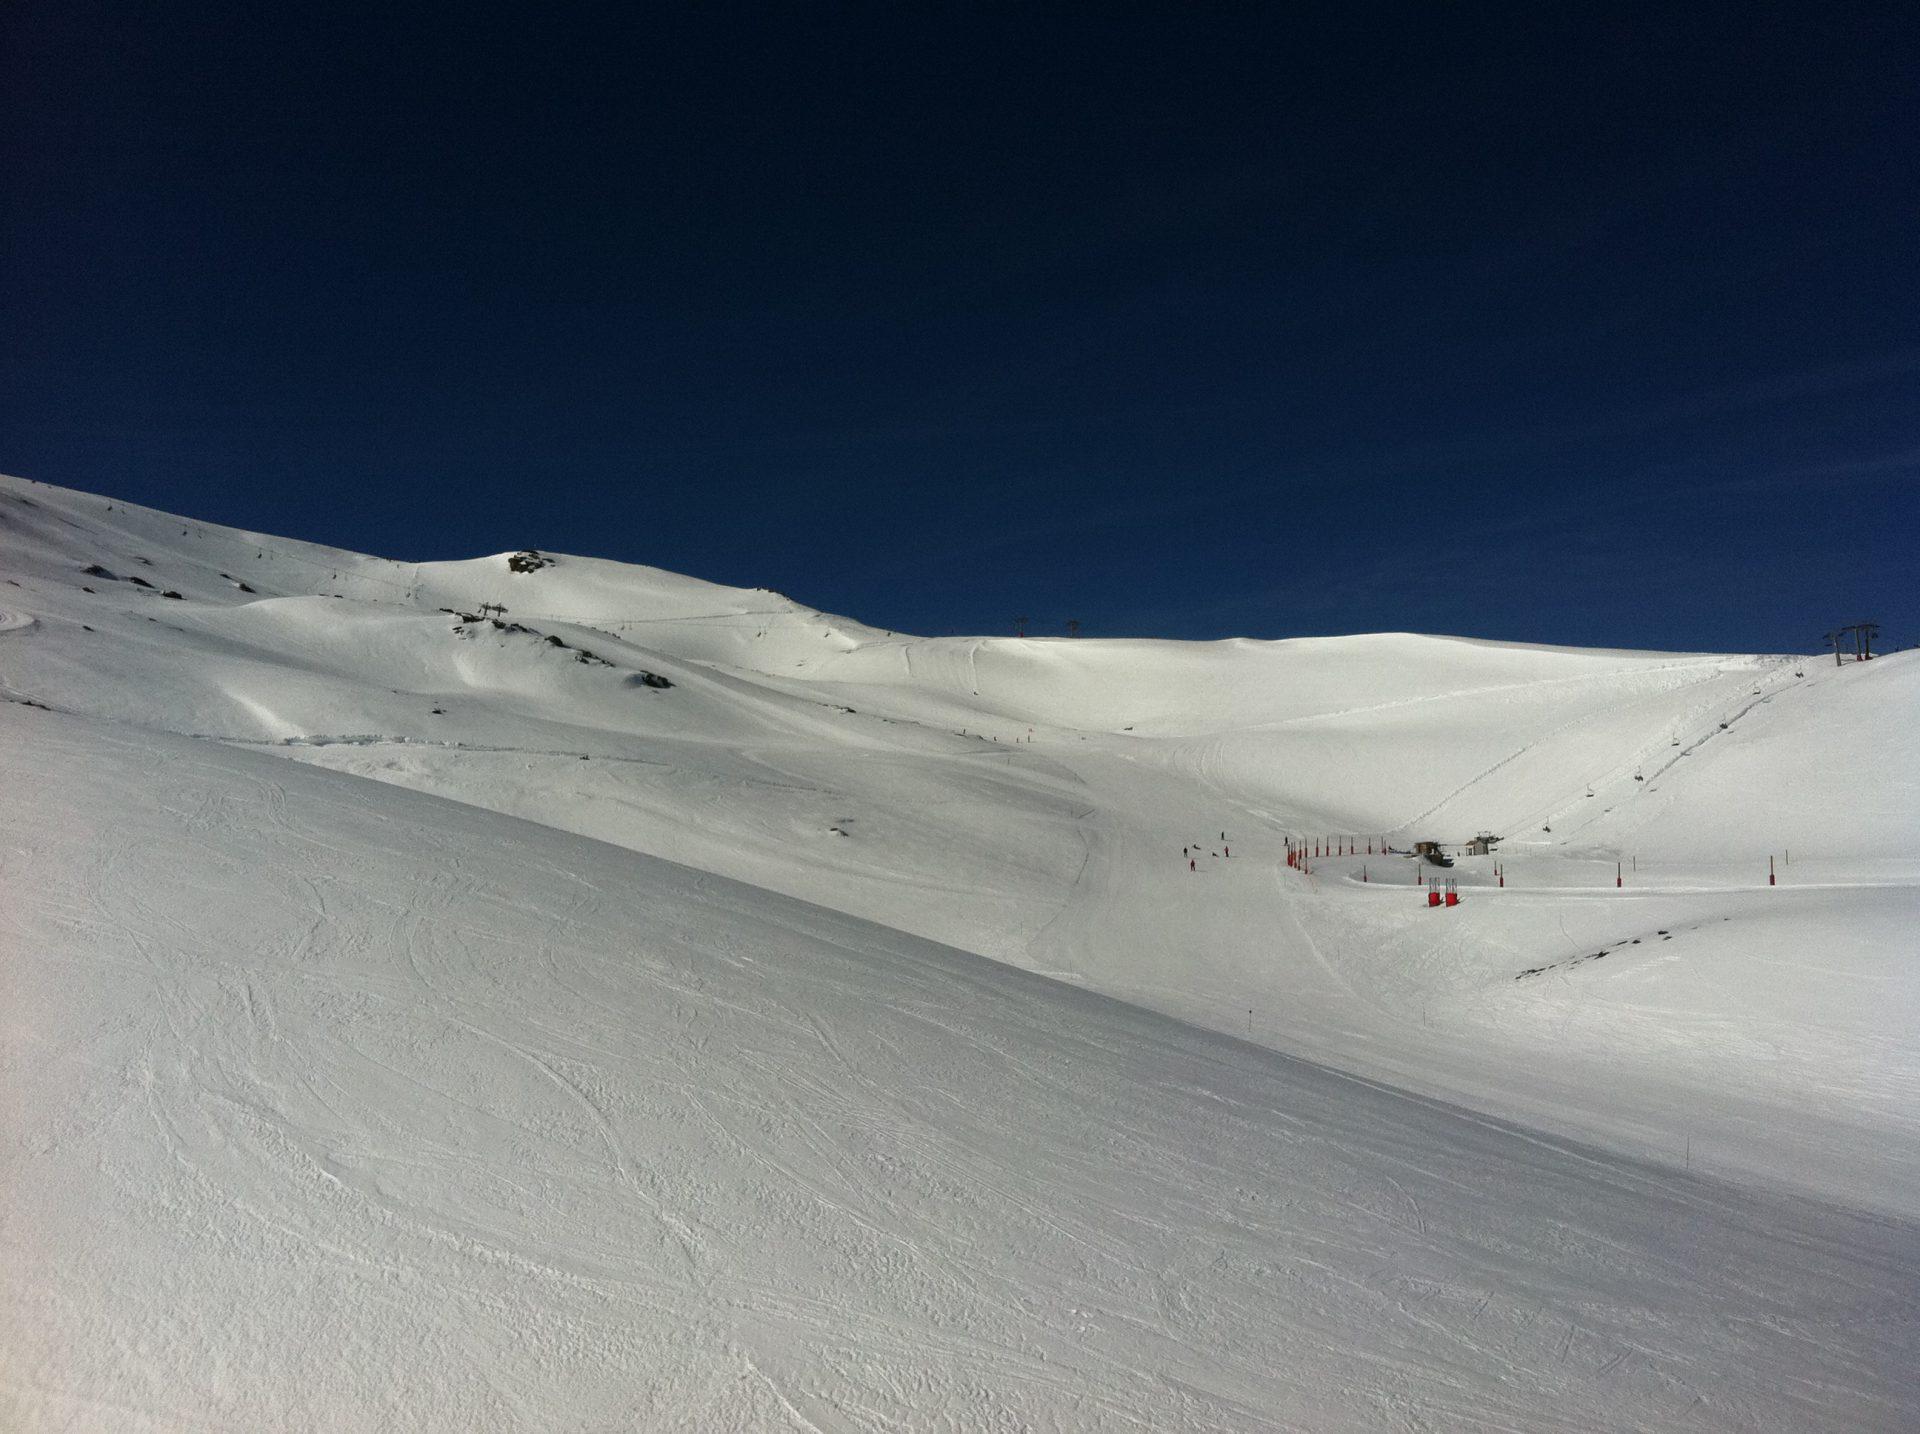 Consejos para pasar un buen dia en la nieve